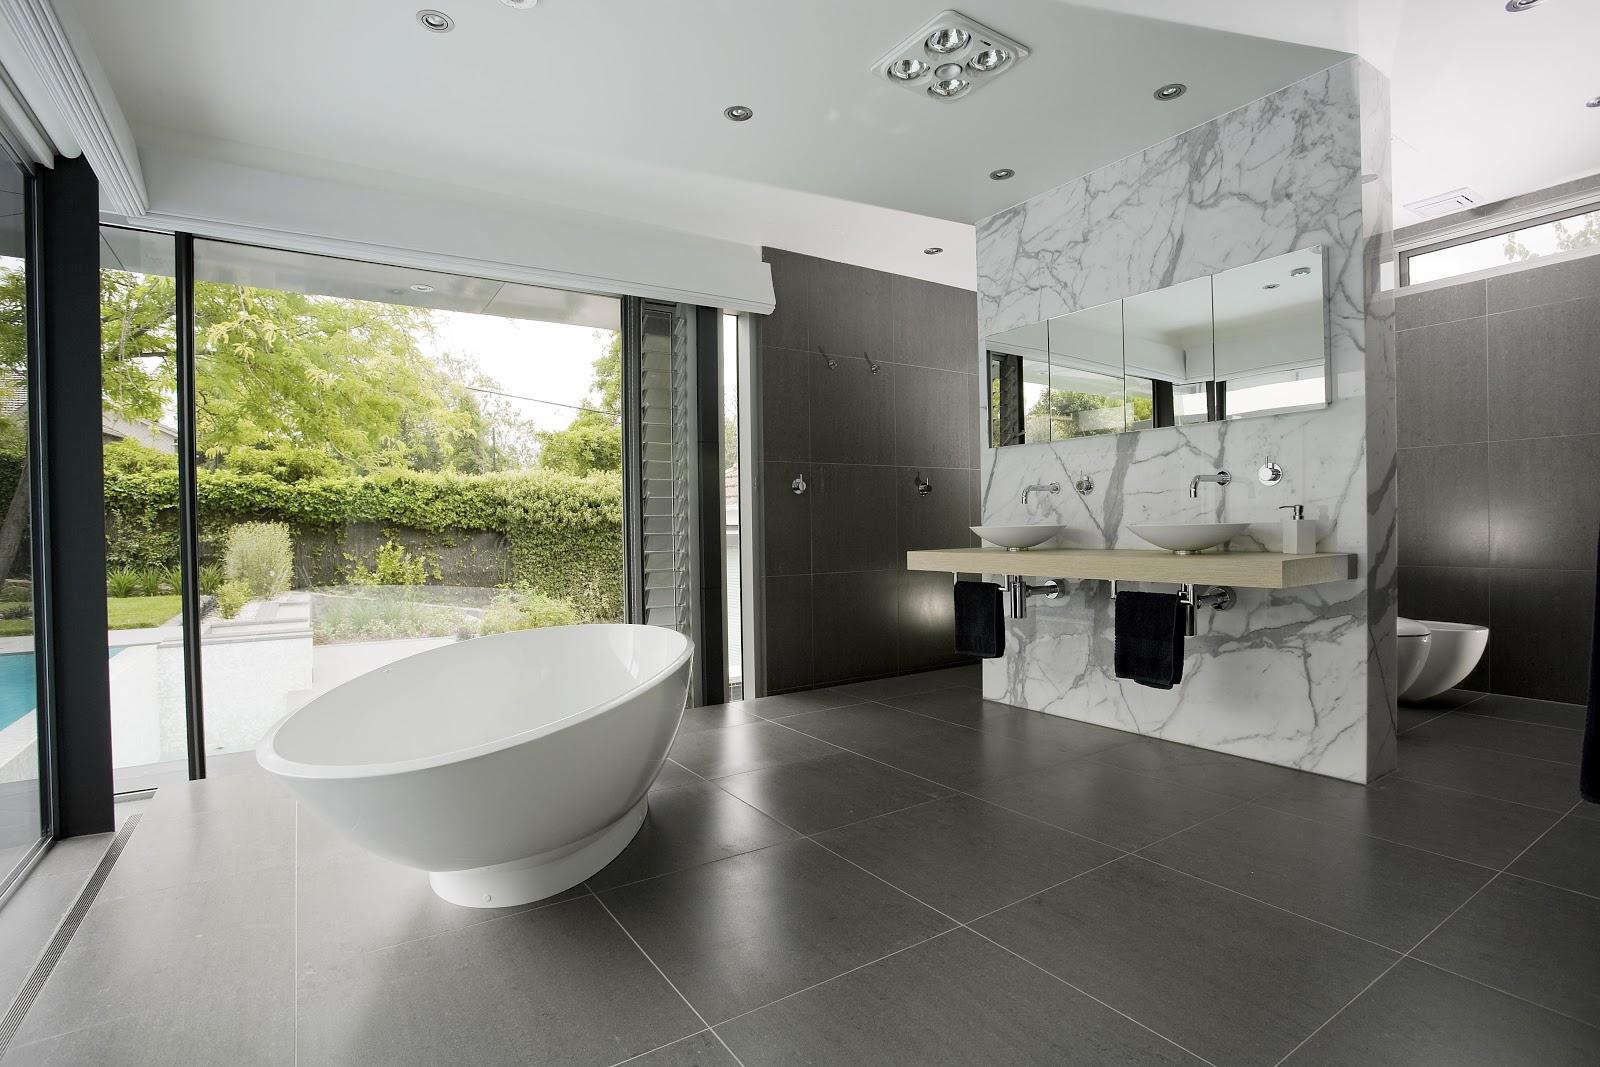 reformas de baños en Madrid , convierte tu baño en un Spa